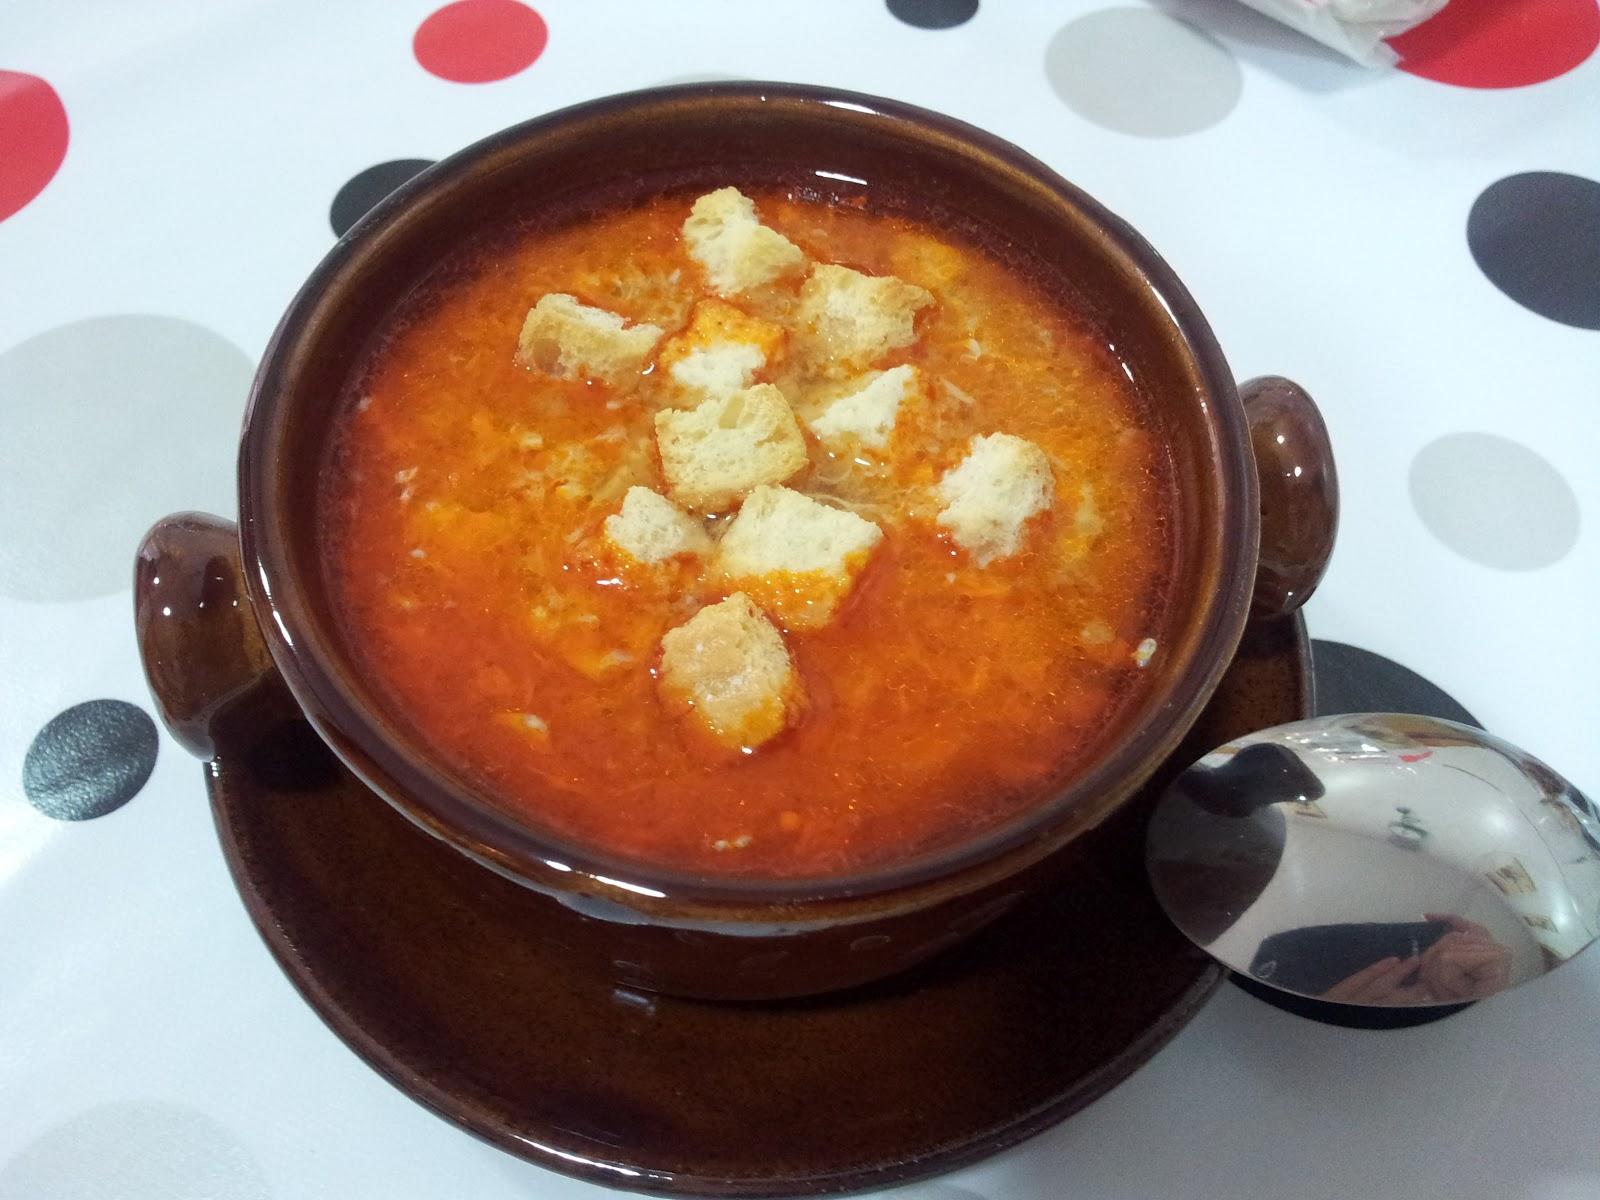 Sopa de ajo –чесночный суп с кусочками обжаренного хлеба.